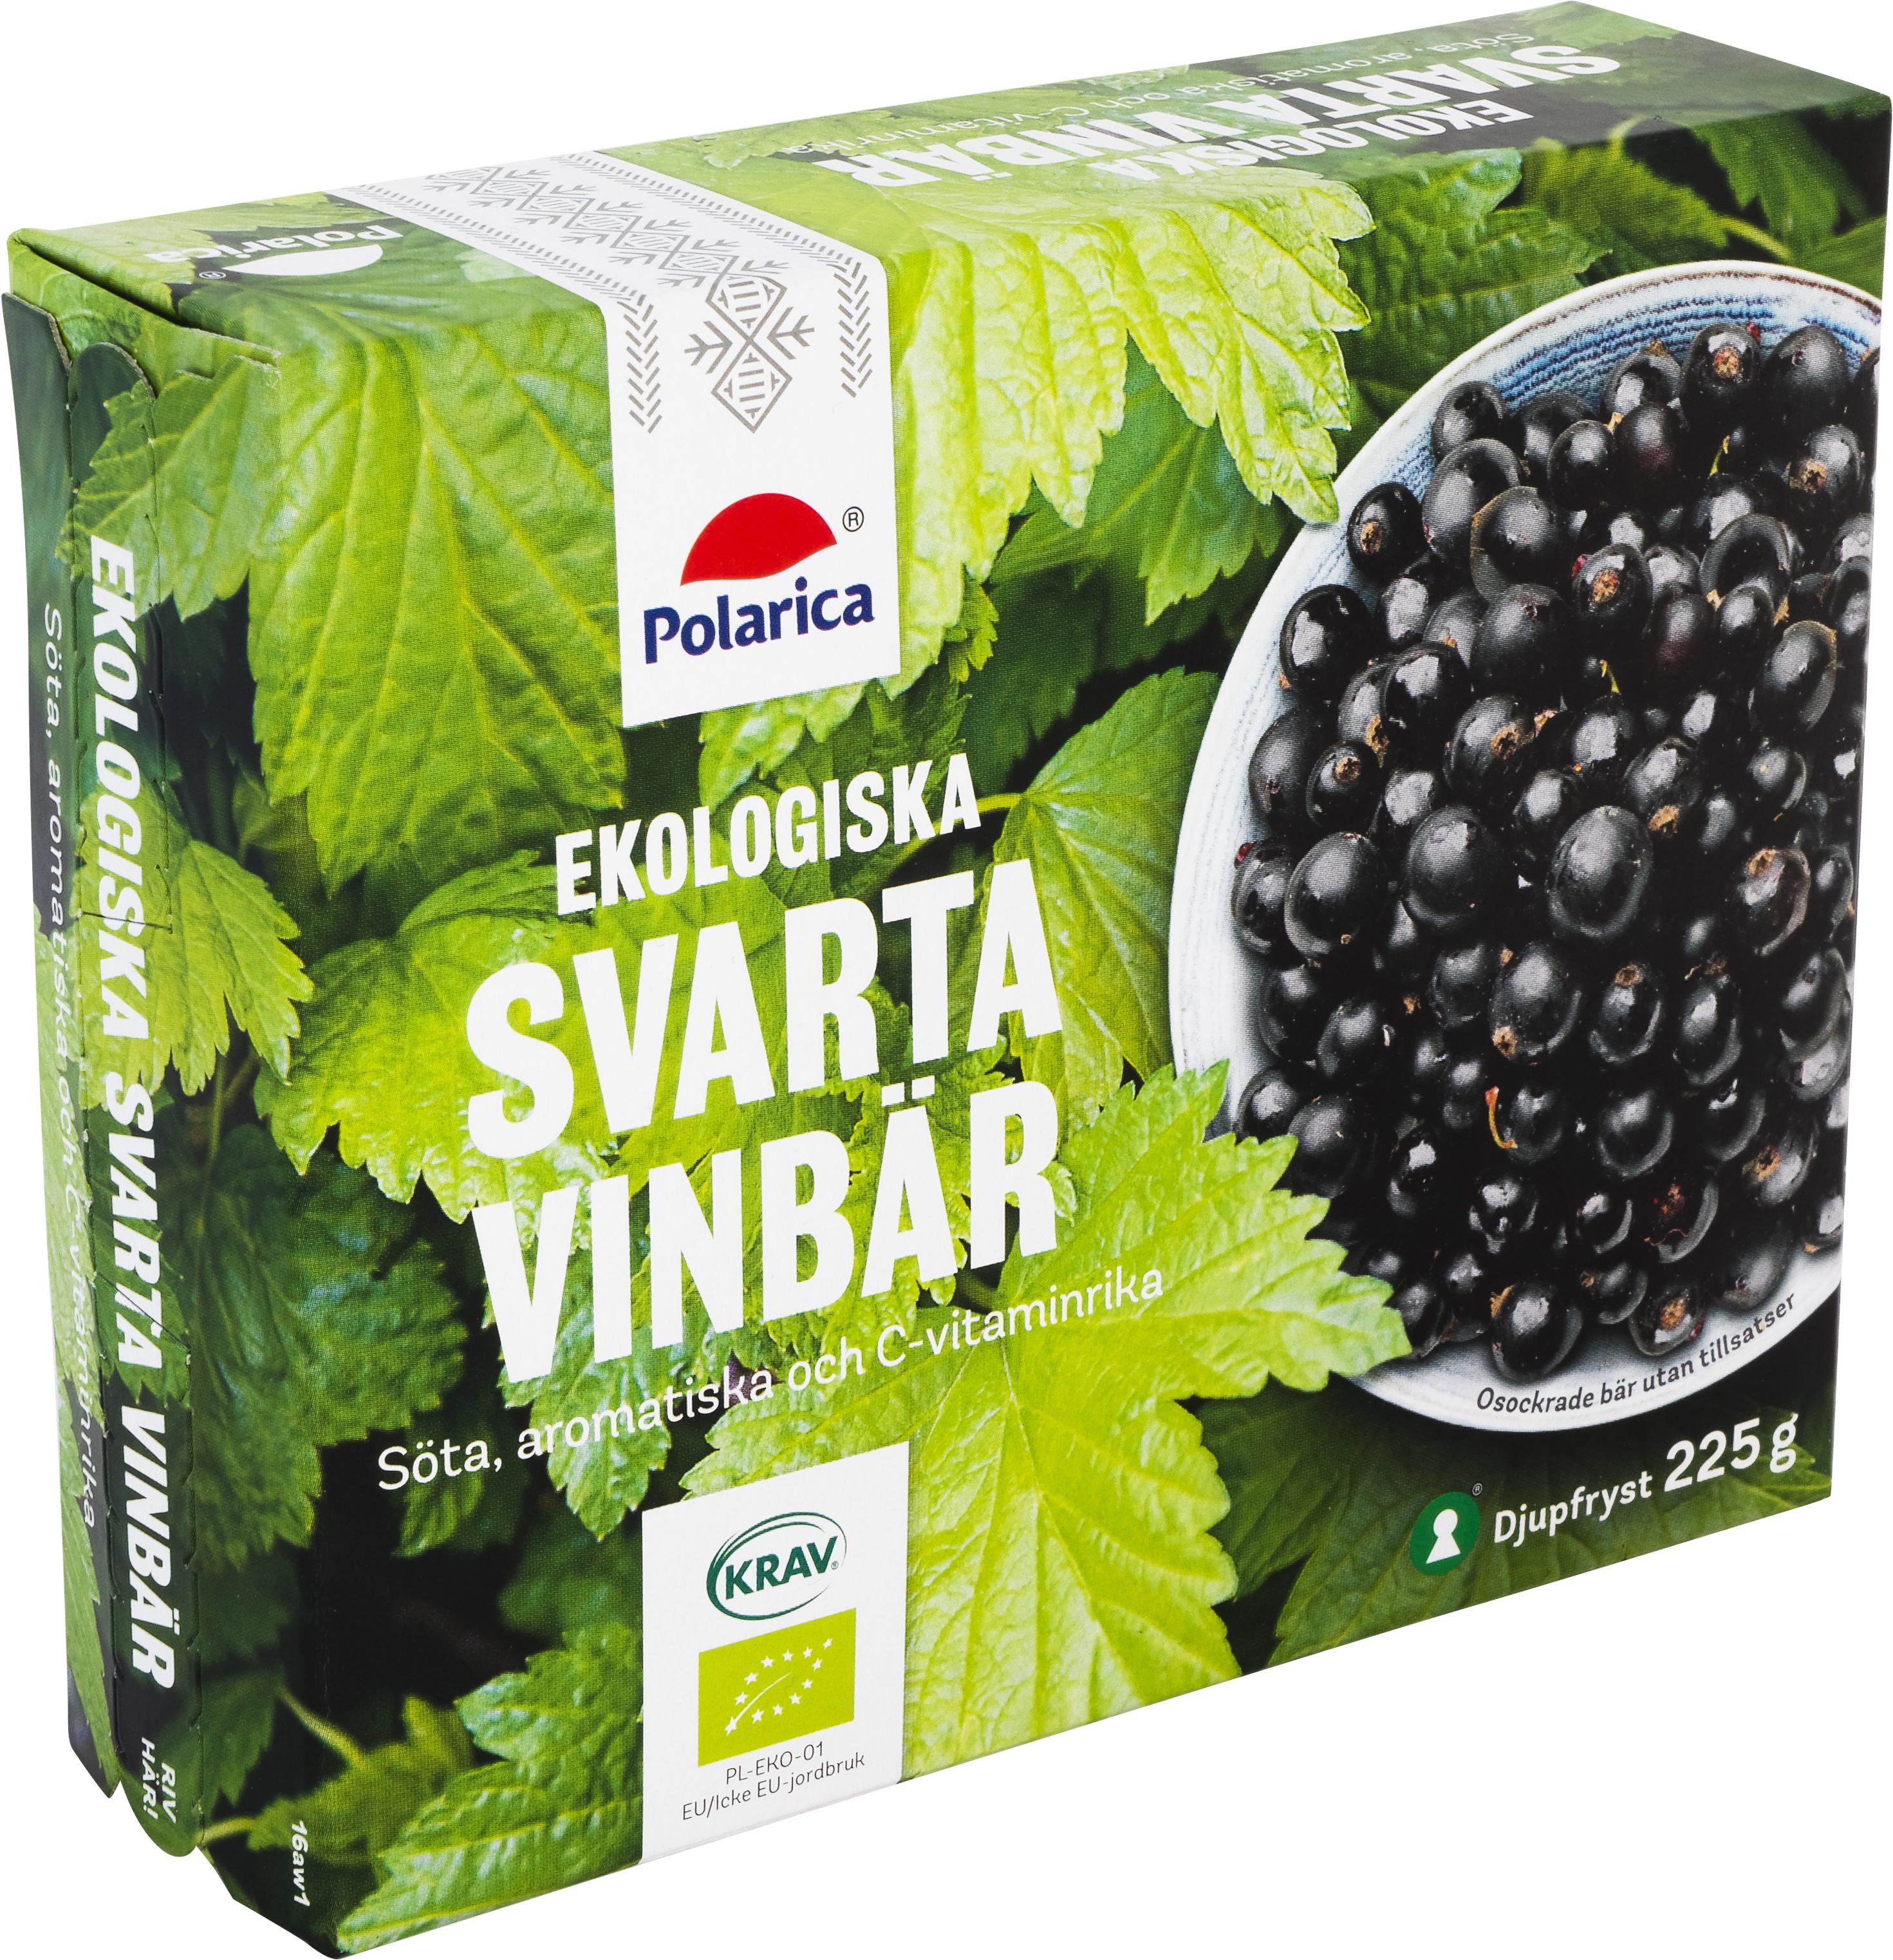 Ekologiska svarta vinbär